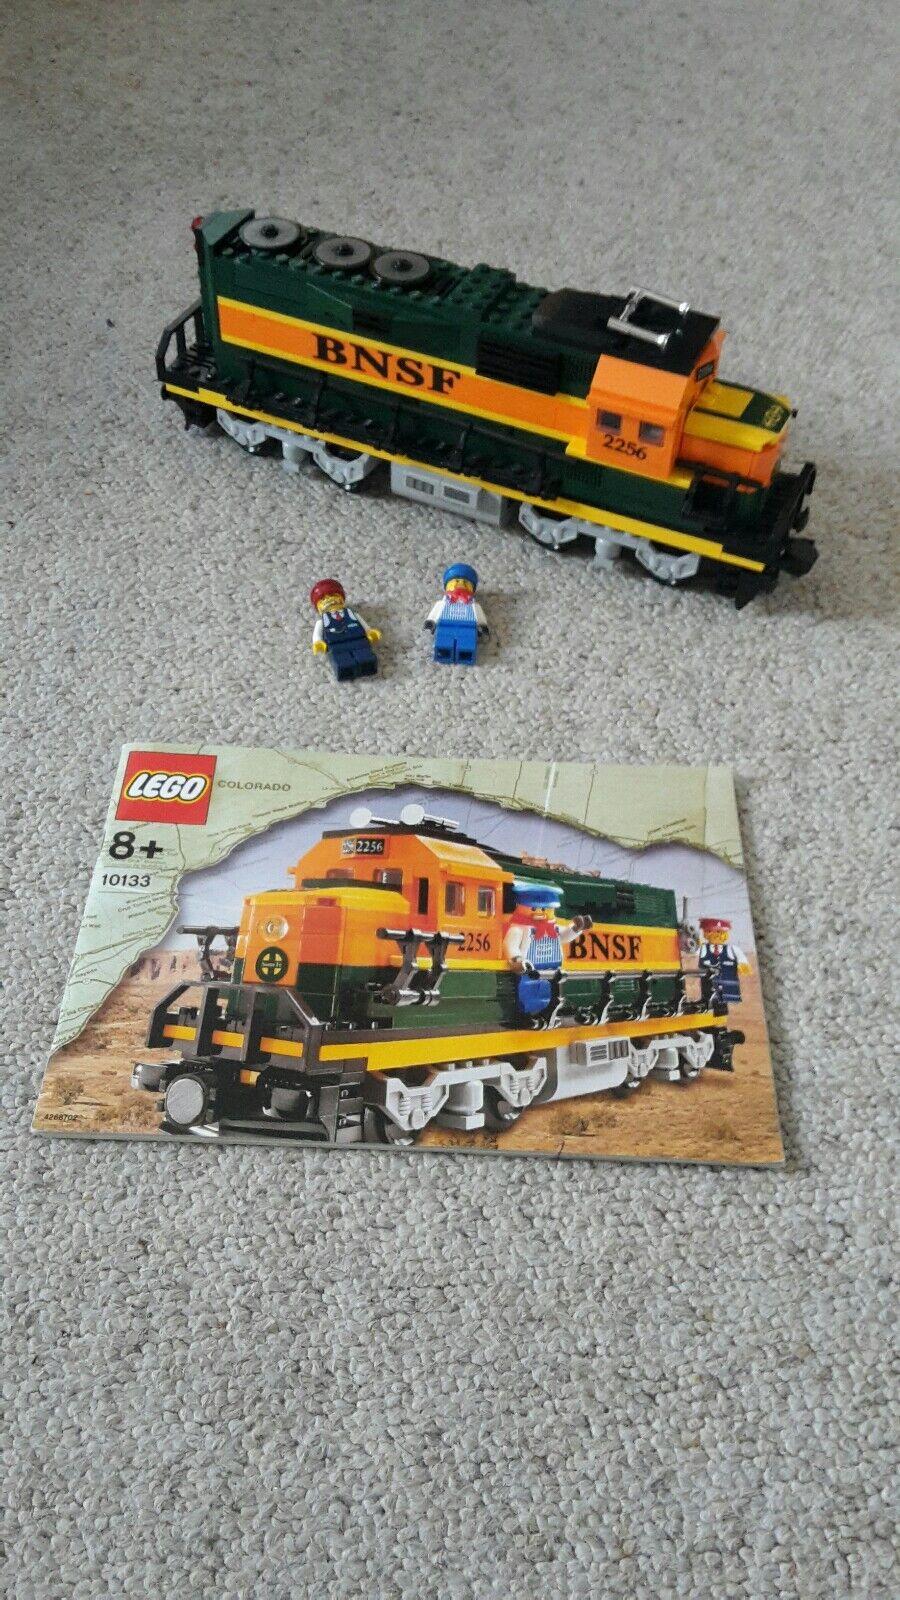 LEGO 10133 Burlington Northern Santa Fe BNSF mit OBA - gebraucht -